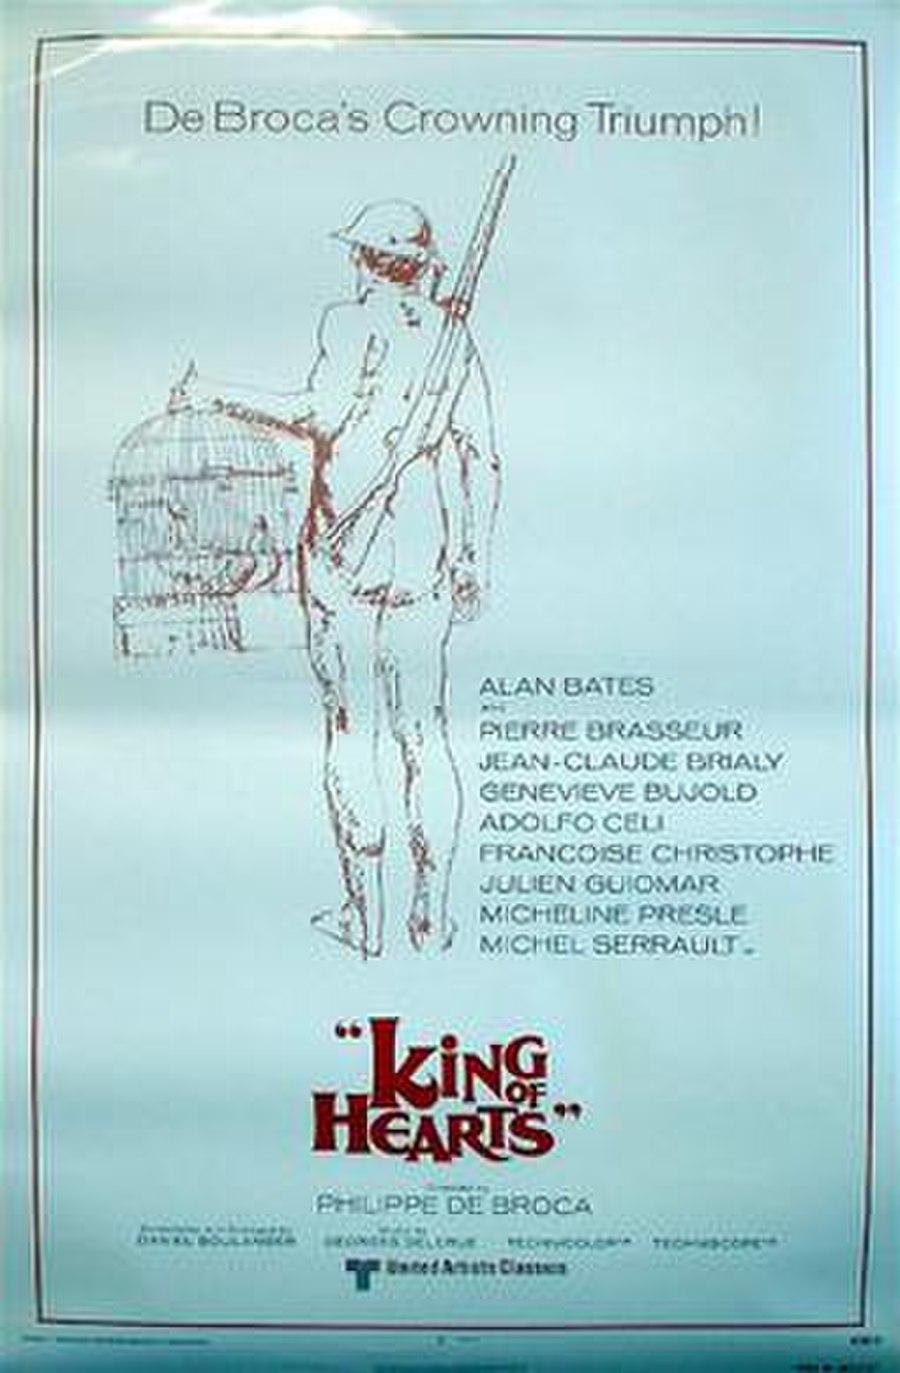 Le Roi de cœur (original French title) King of Hearts